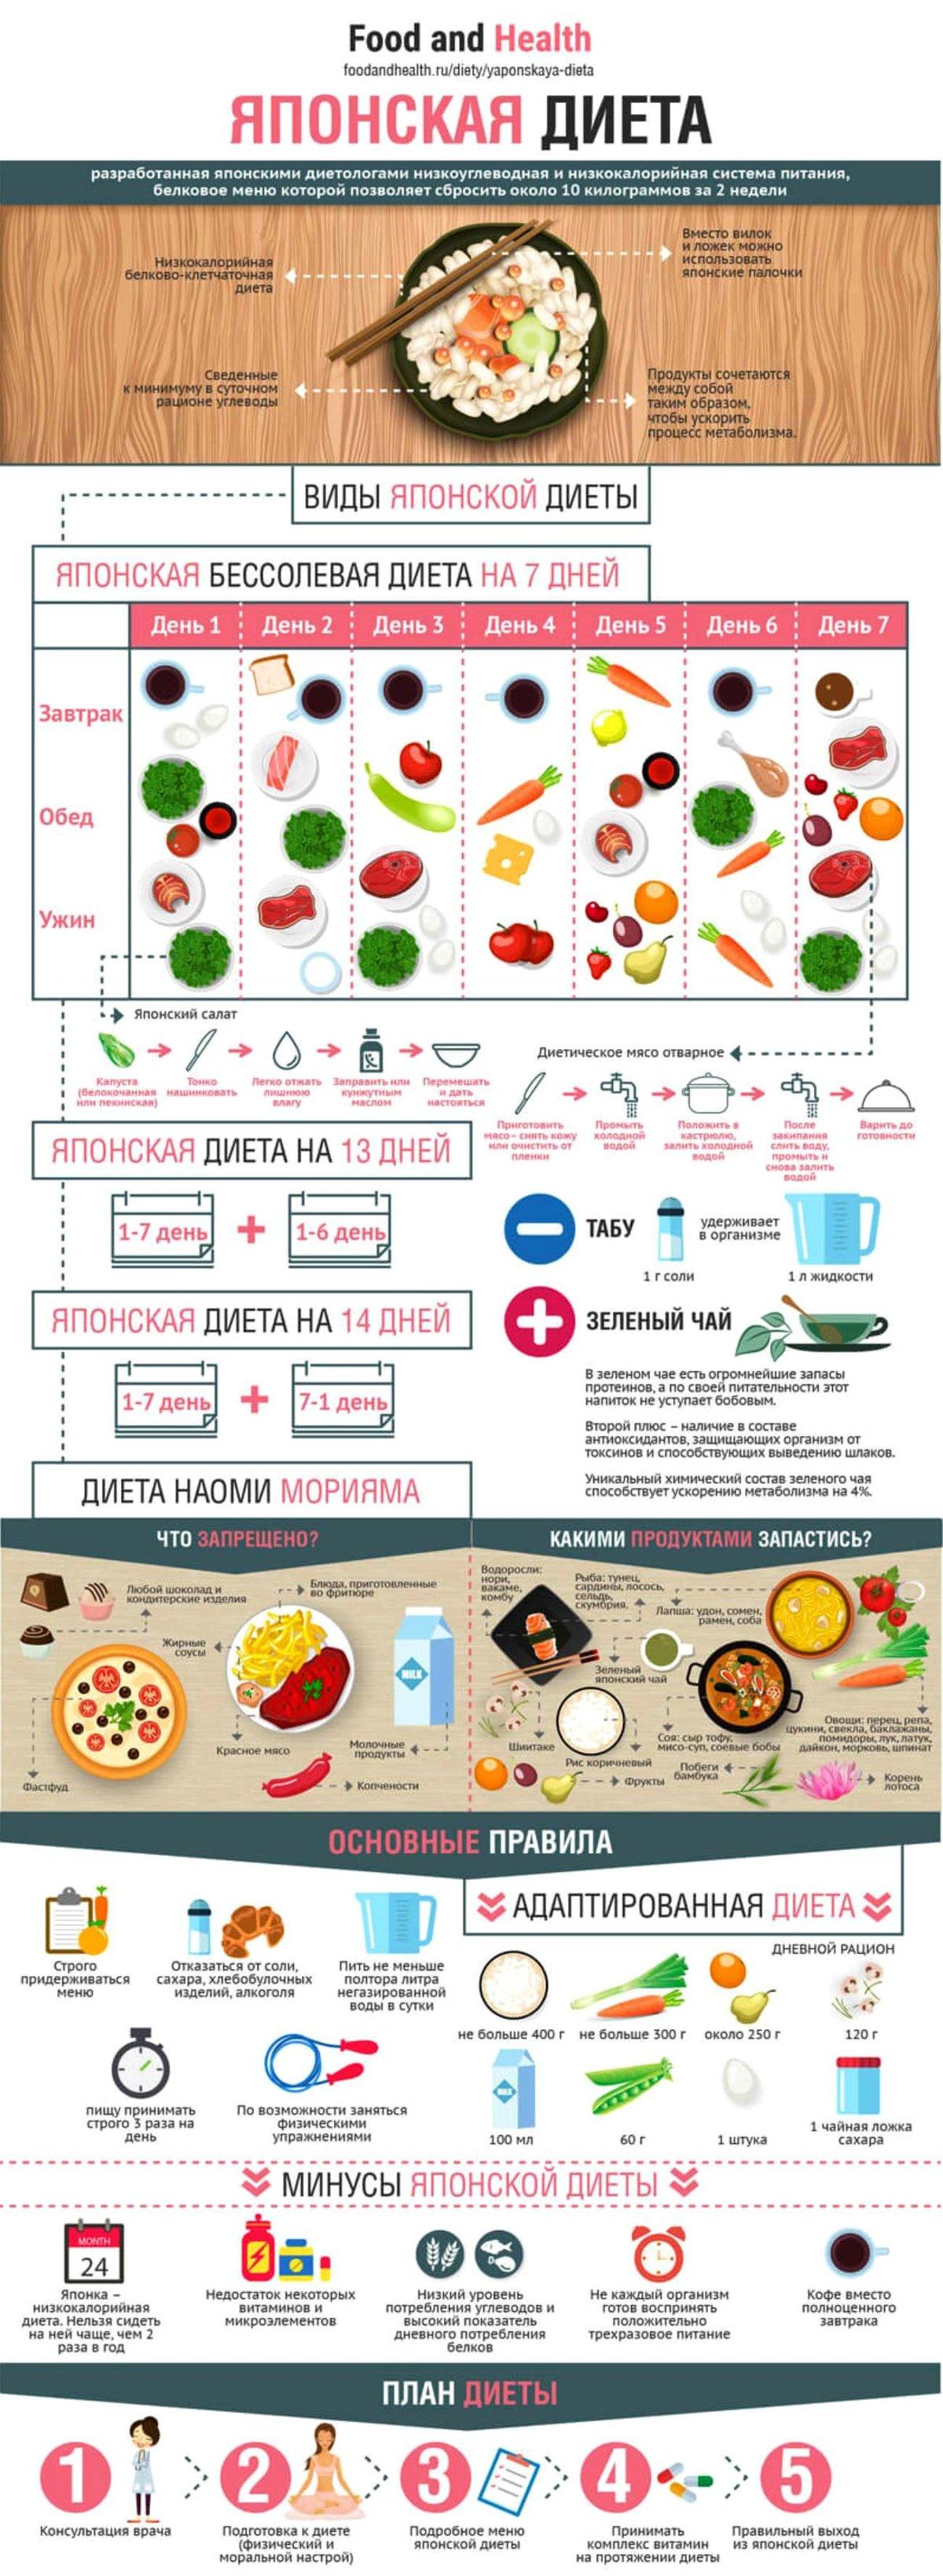 японская 7 дневная диета